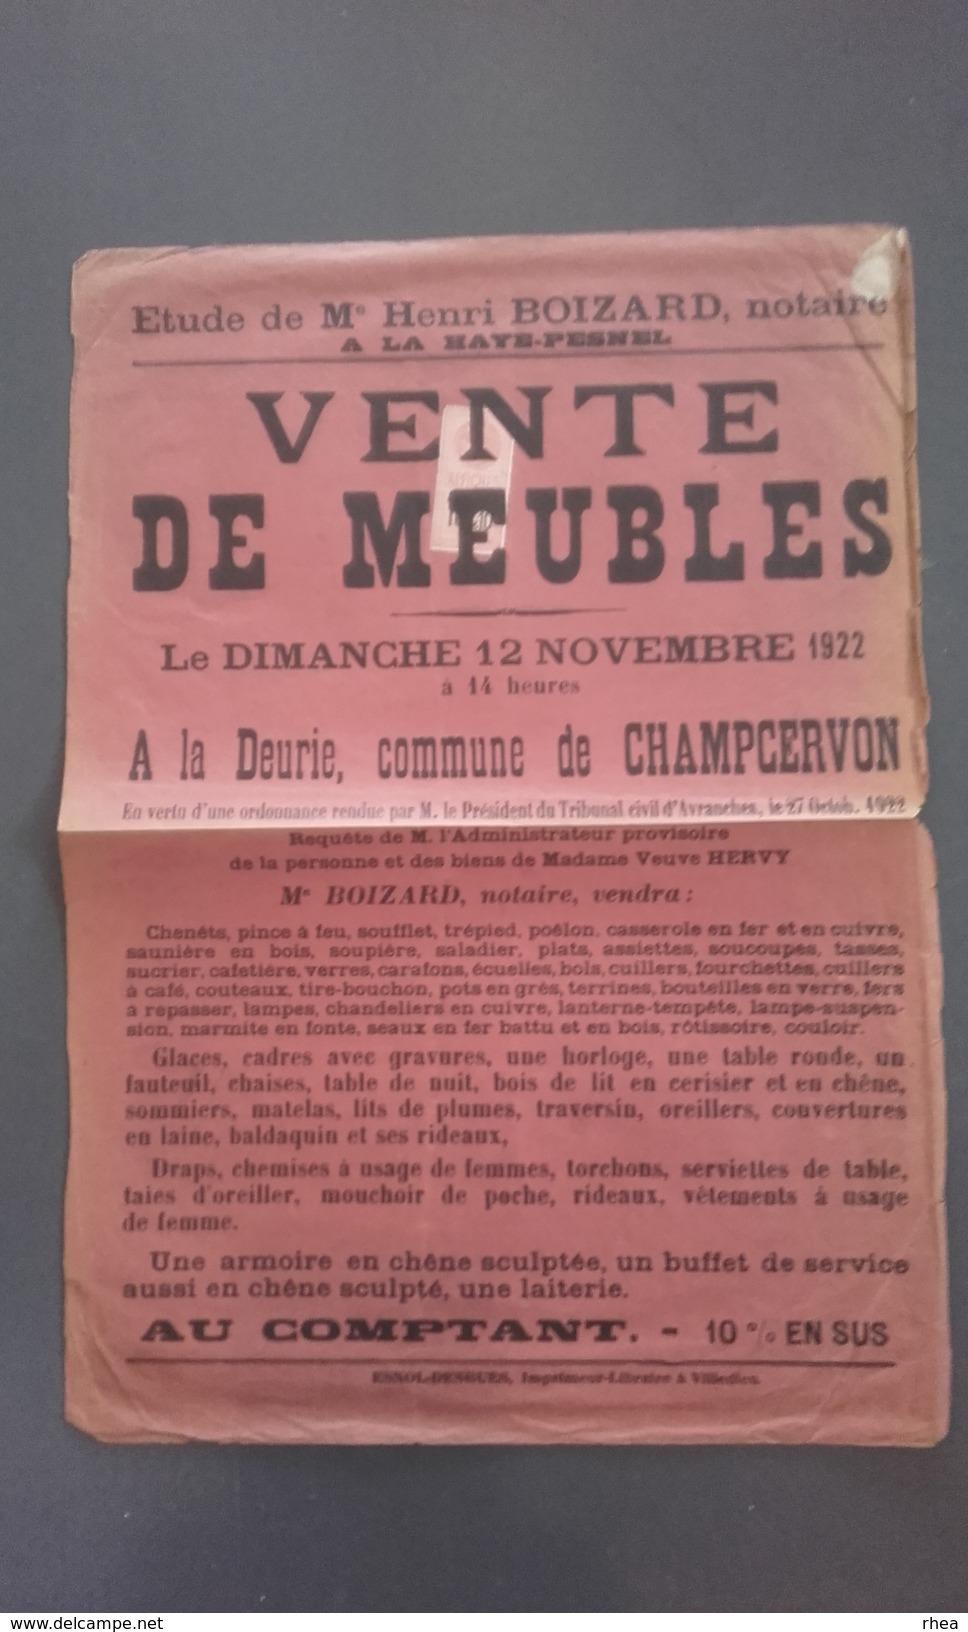 50 - CHAMPCERVON - La Deurie - Affiche Vente De Meubles 1922 - Affiches